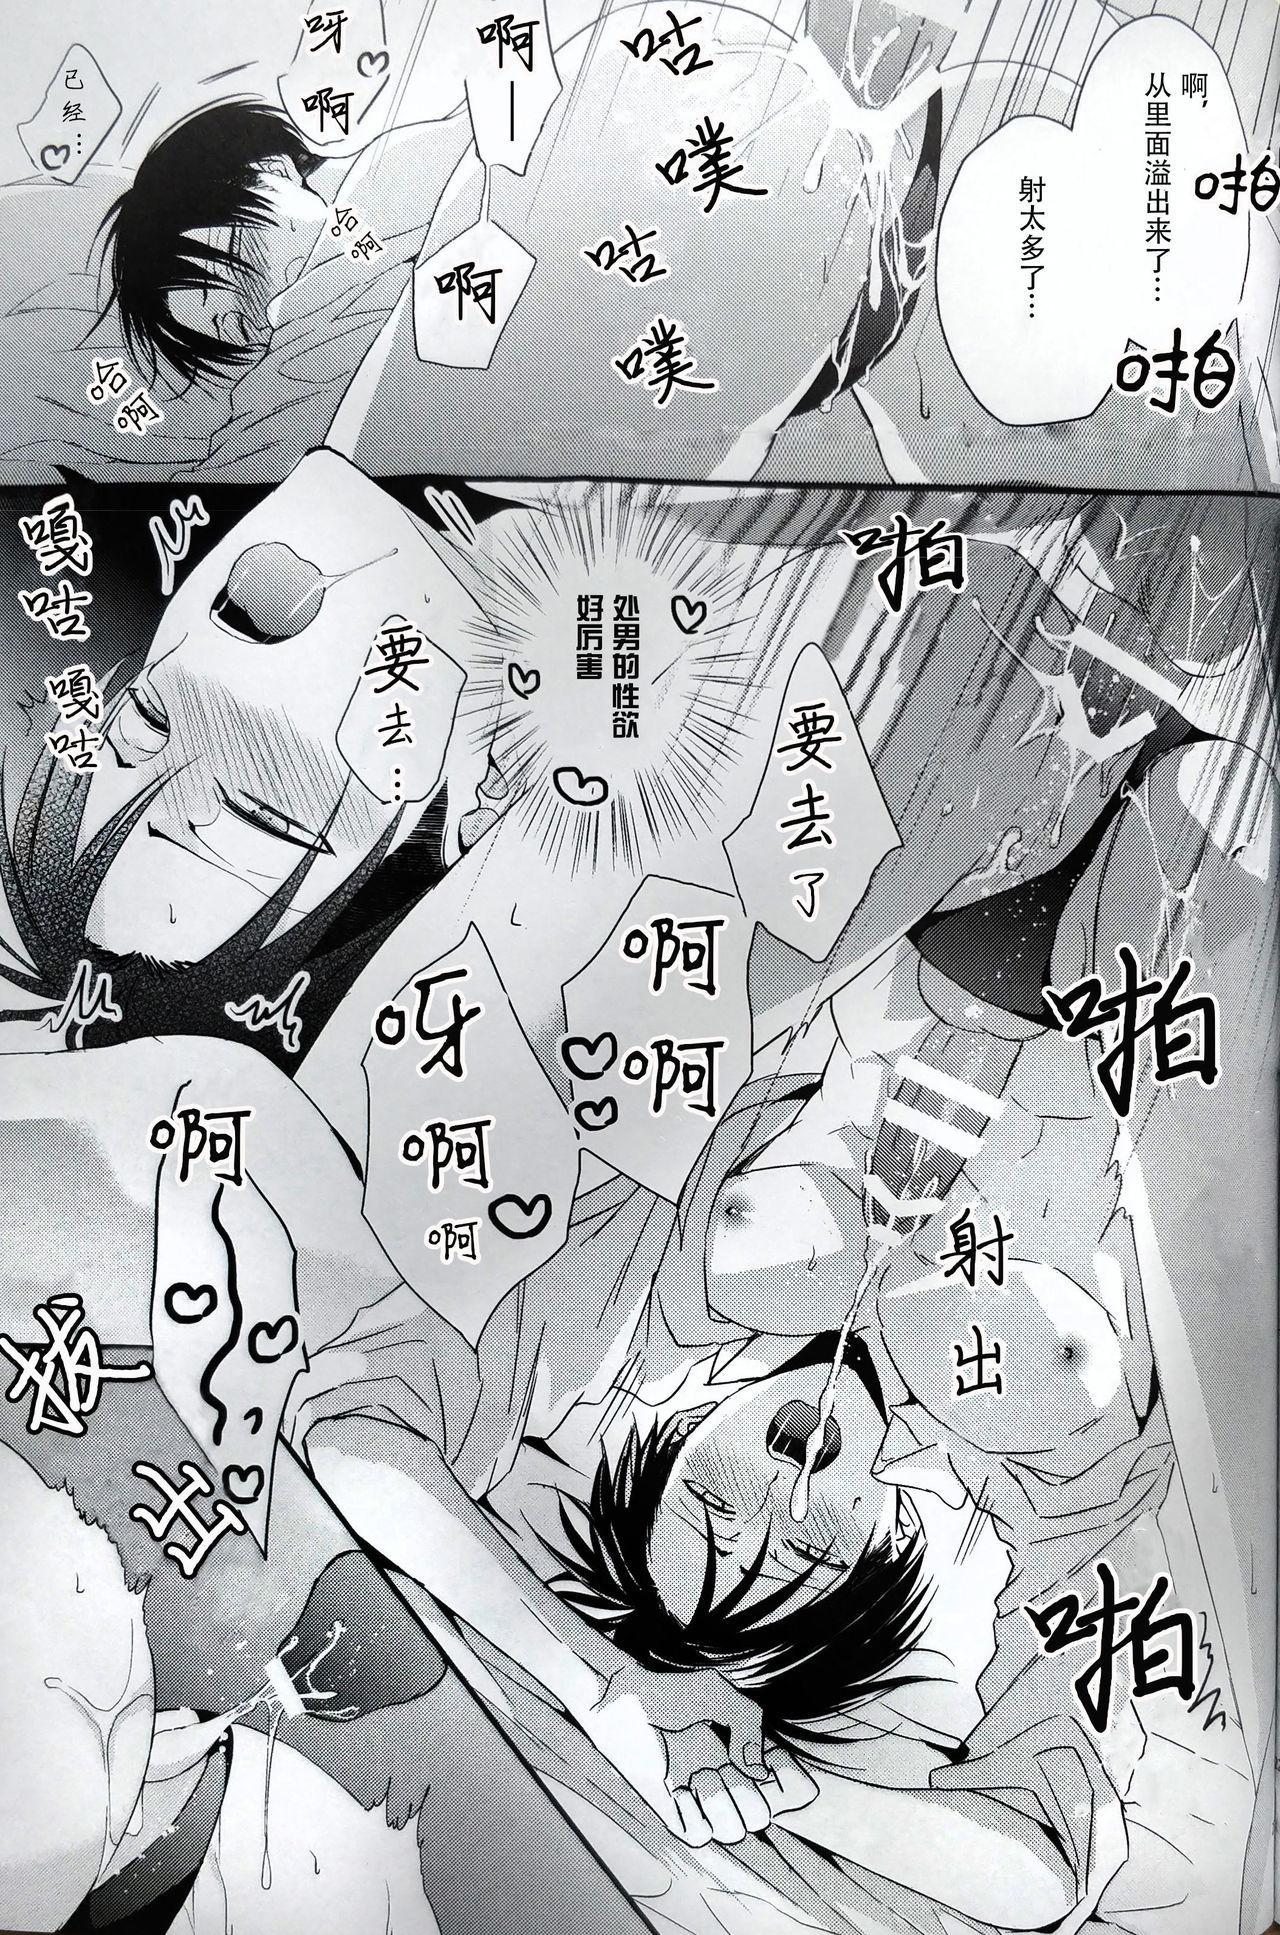 Hoshi e cho ni onegai ~tsu! | 向星兵长许愿! 21